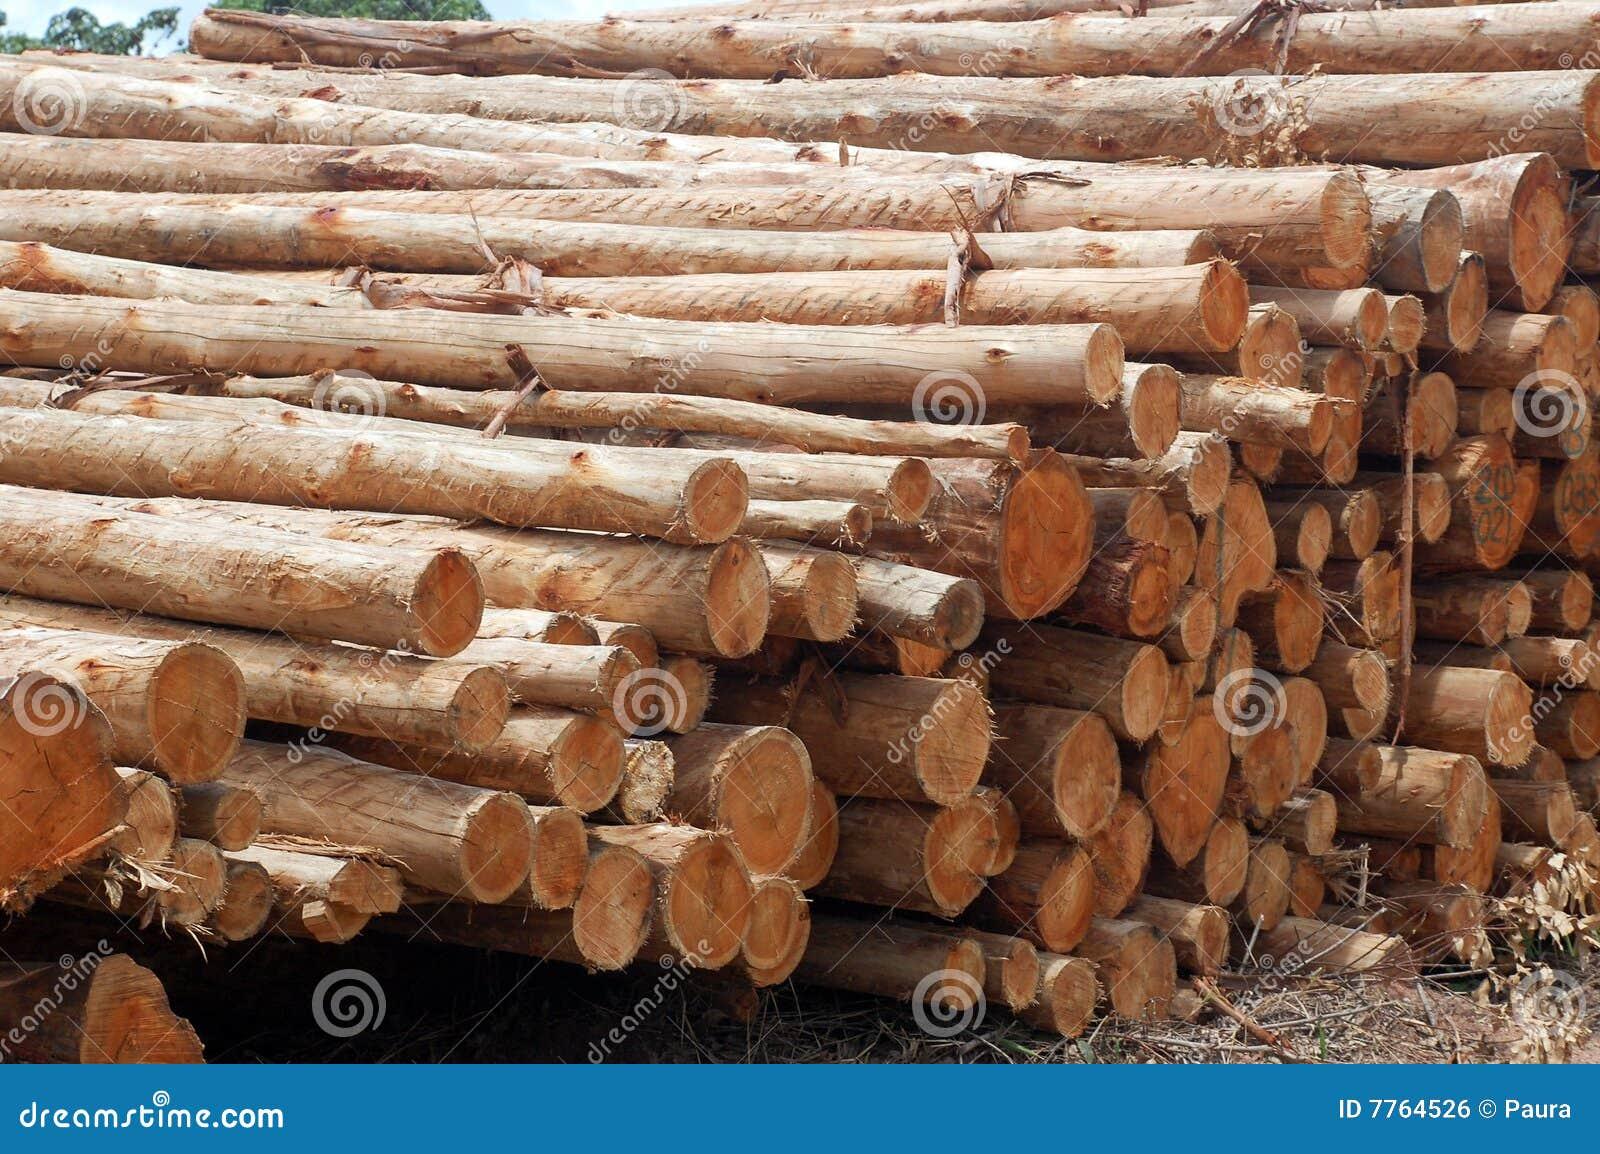 Wood Pile Royalty Free Stock Image Image 7764526